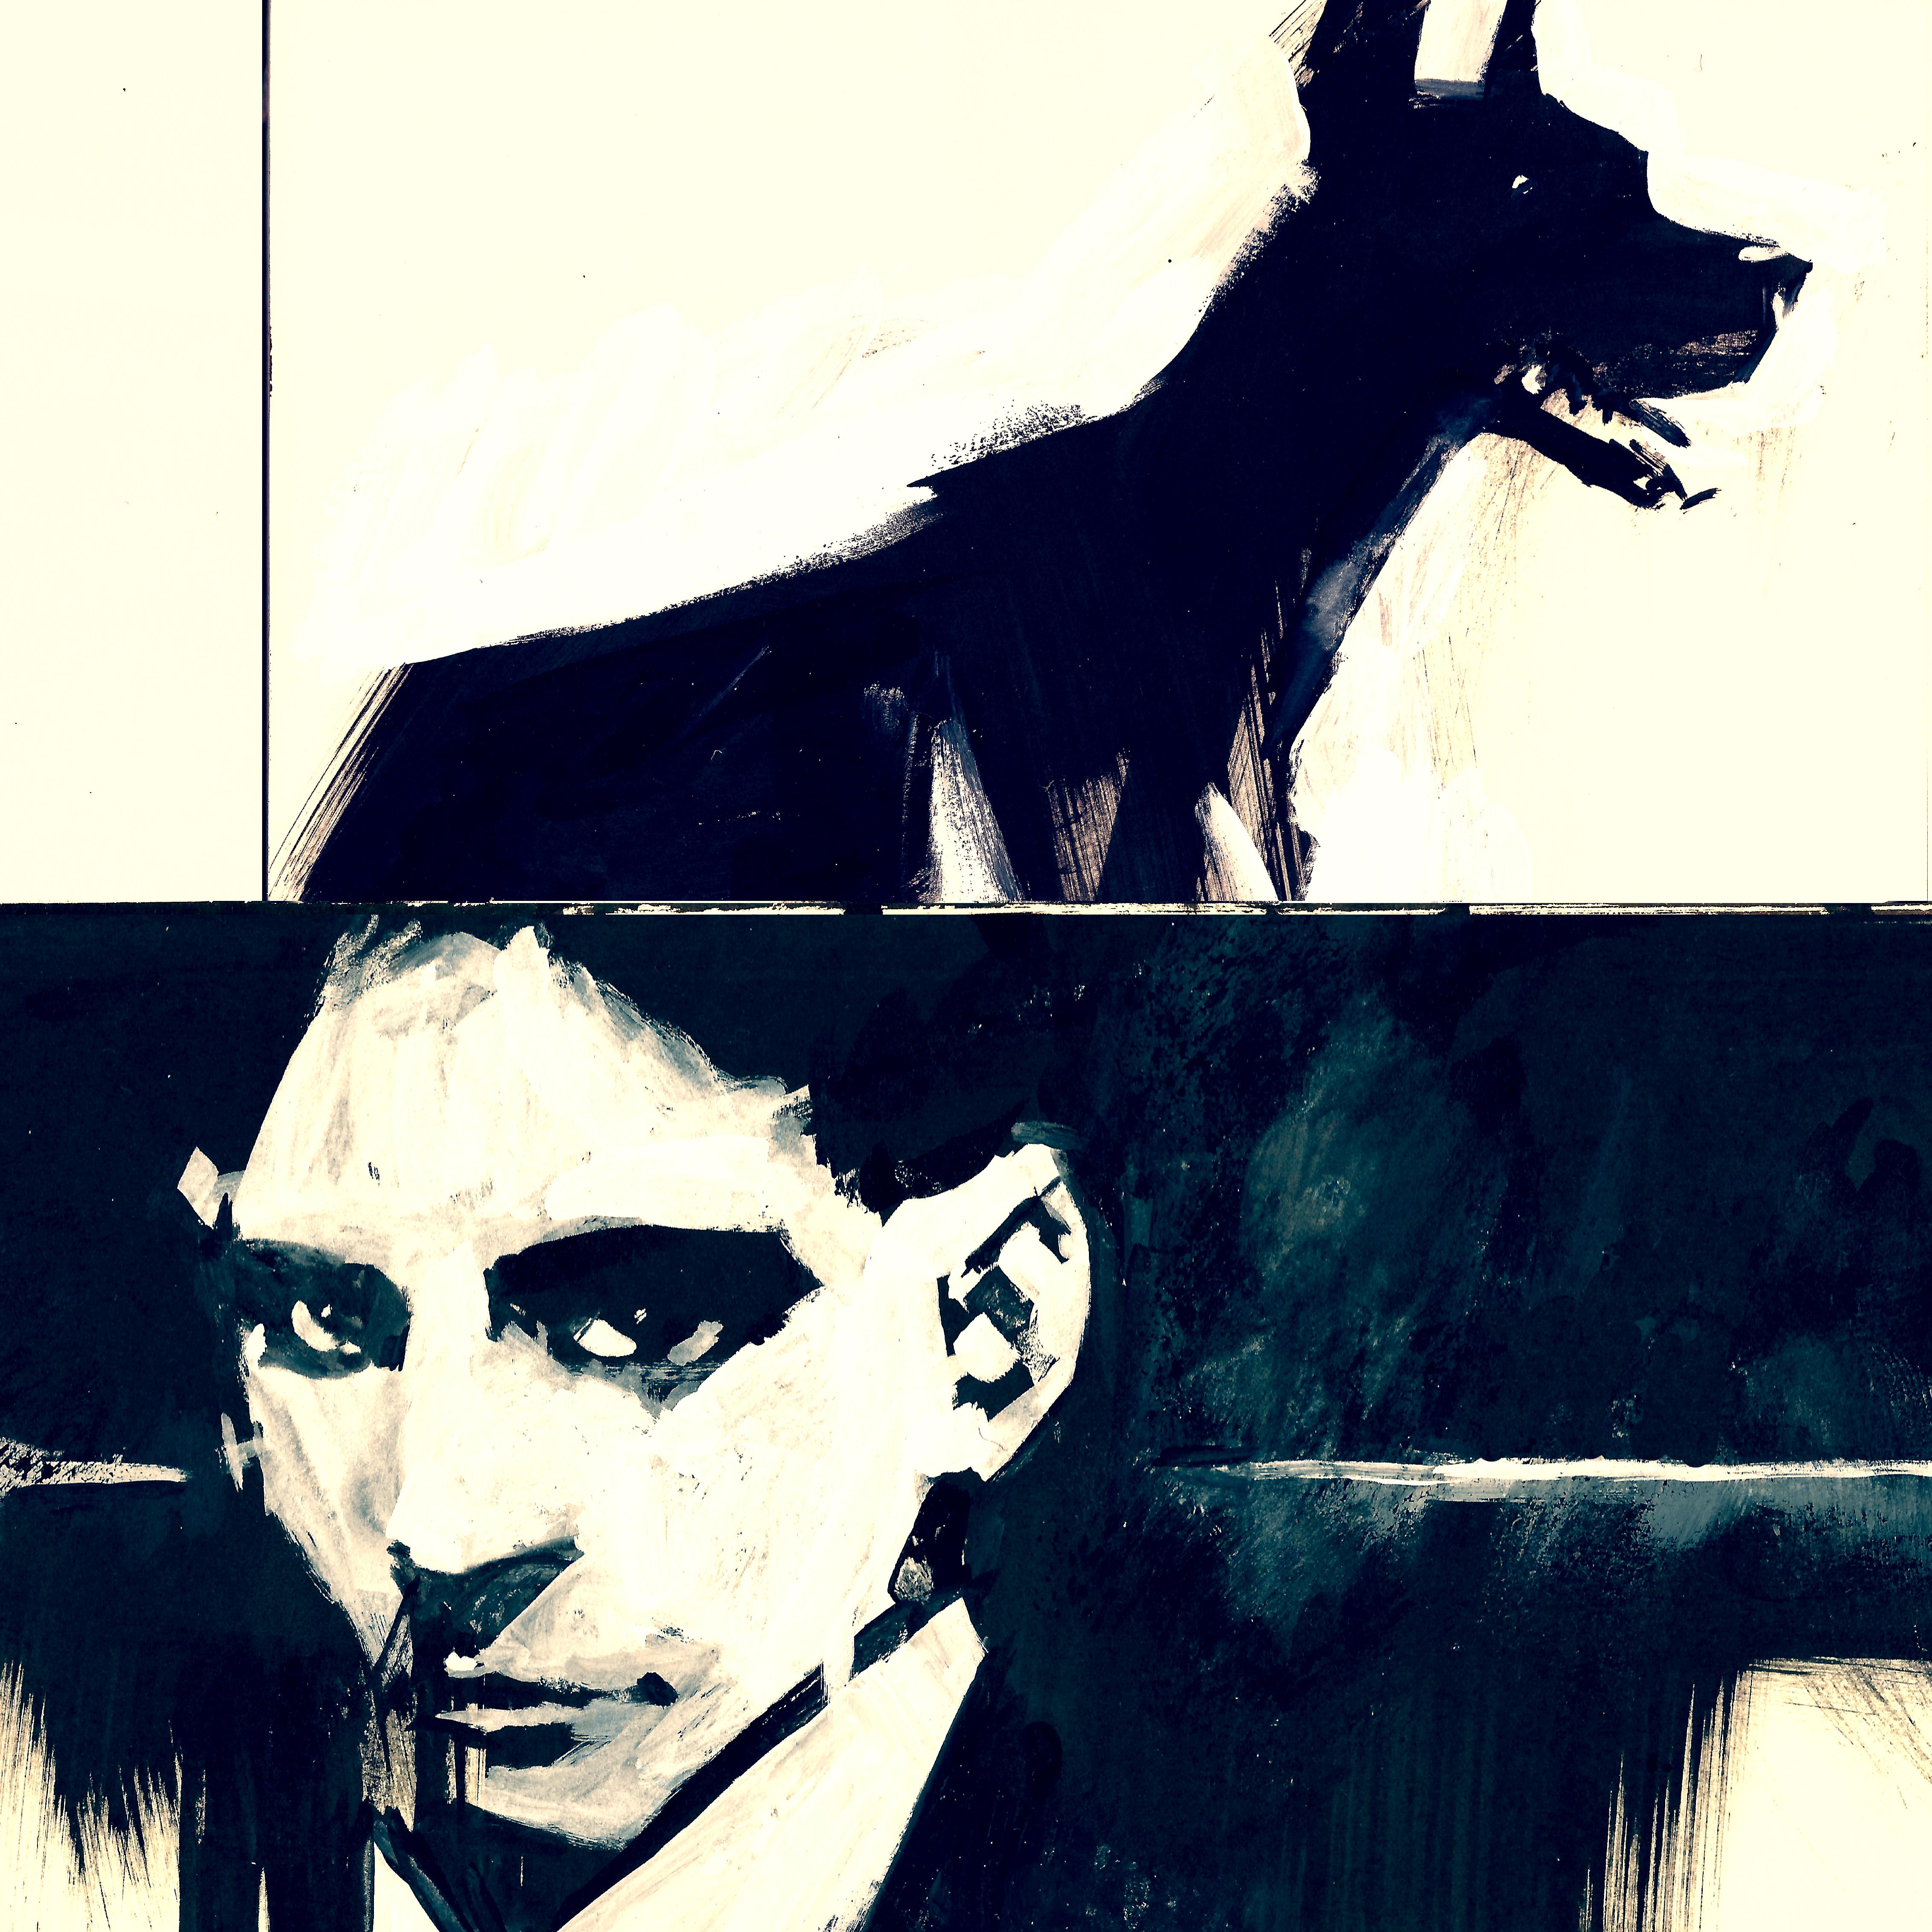 Danijel Žeželj: Franz Kafka